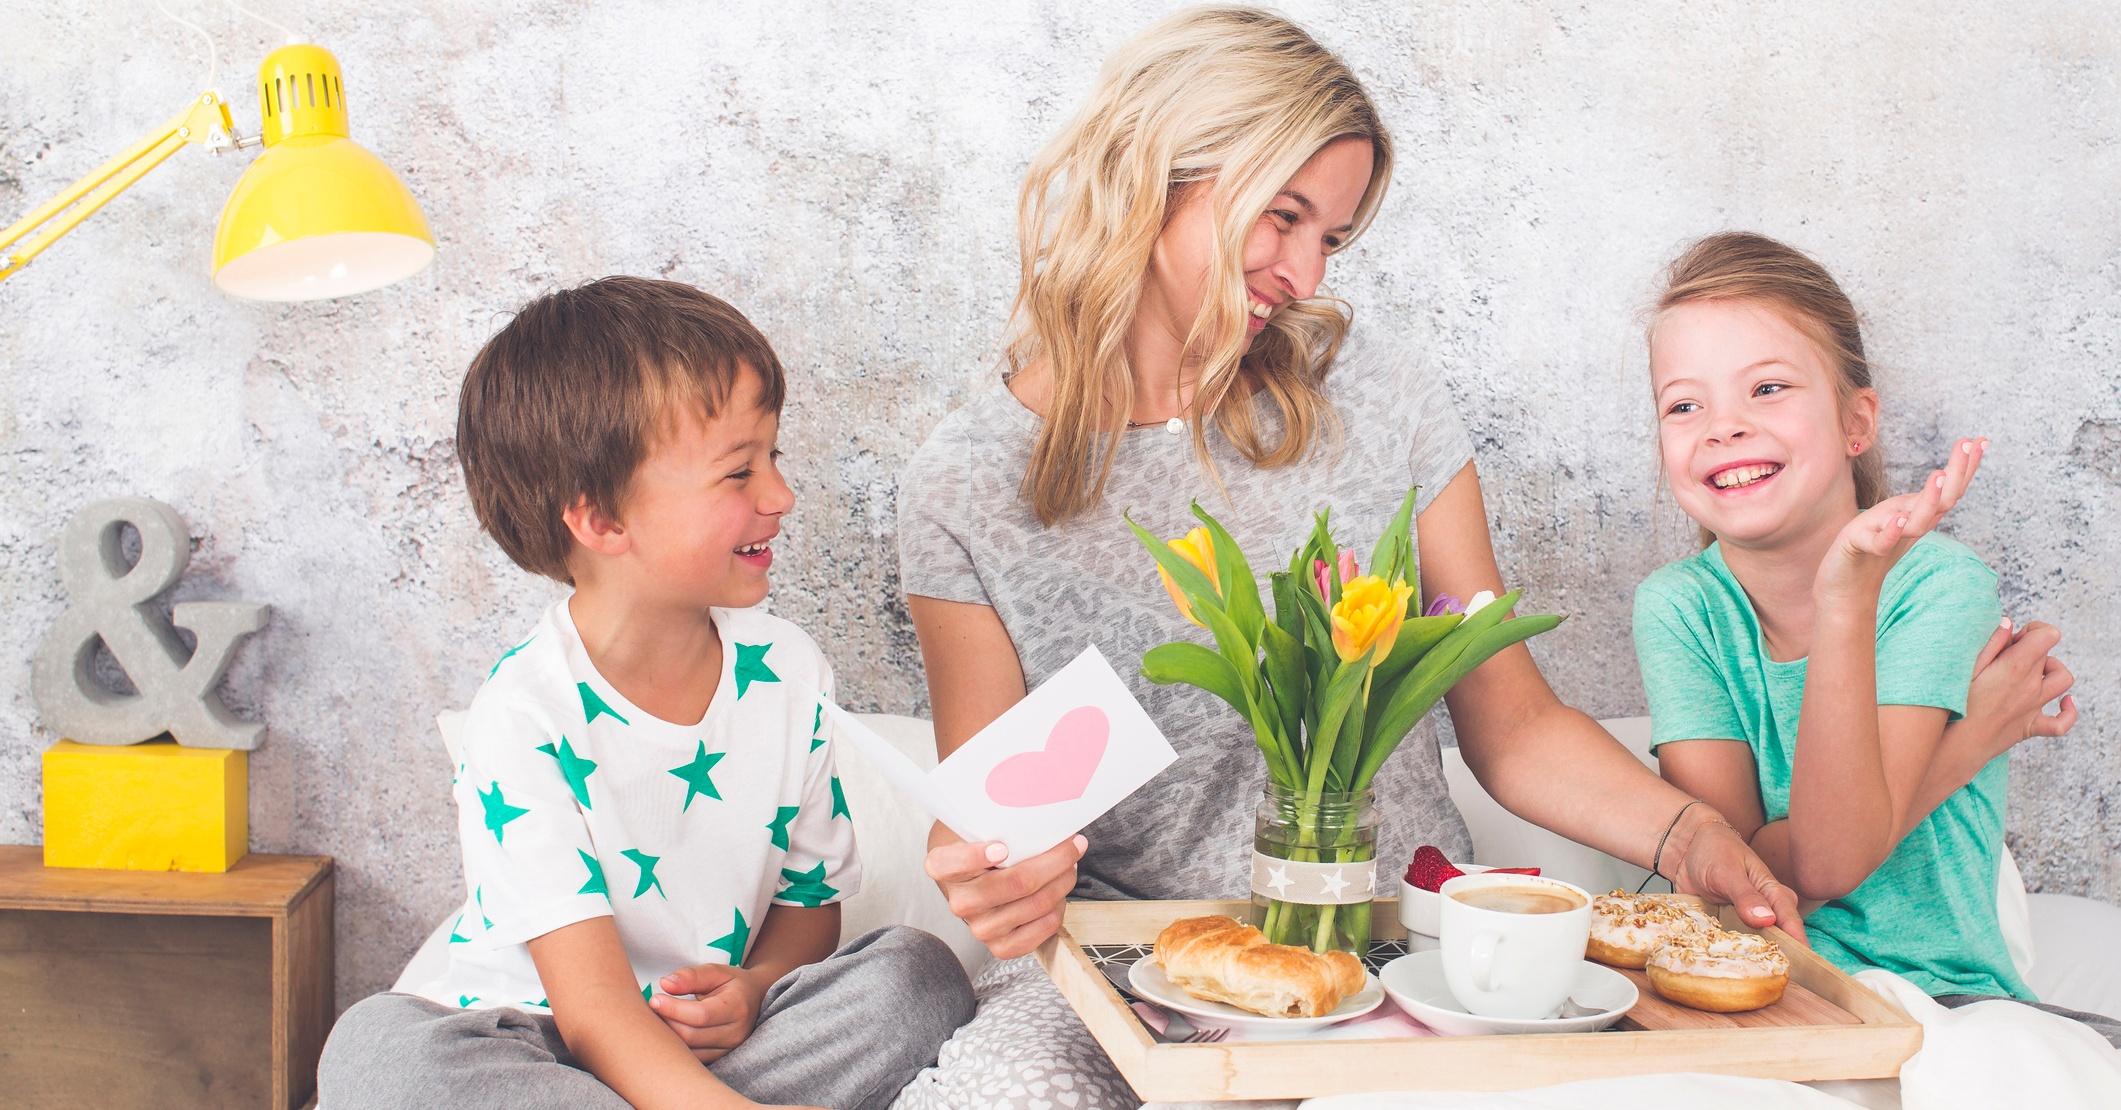 äitienpäivänä muistetaan äitiä itsetehdyillä lahjoilla!